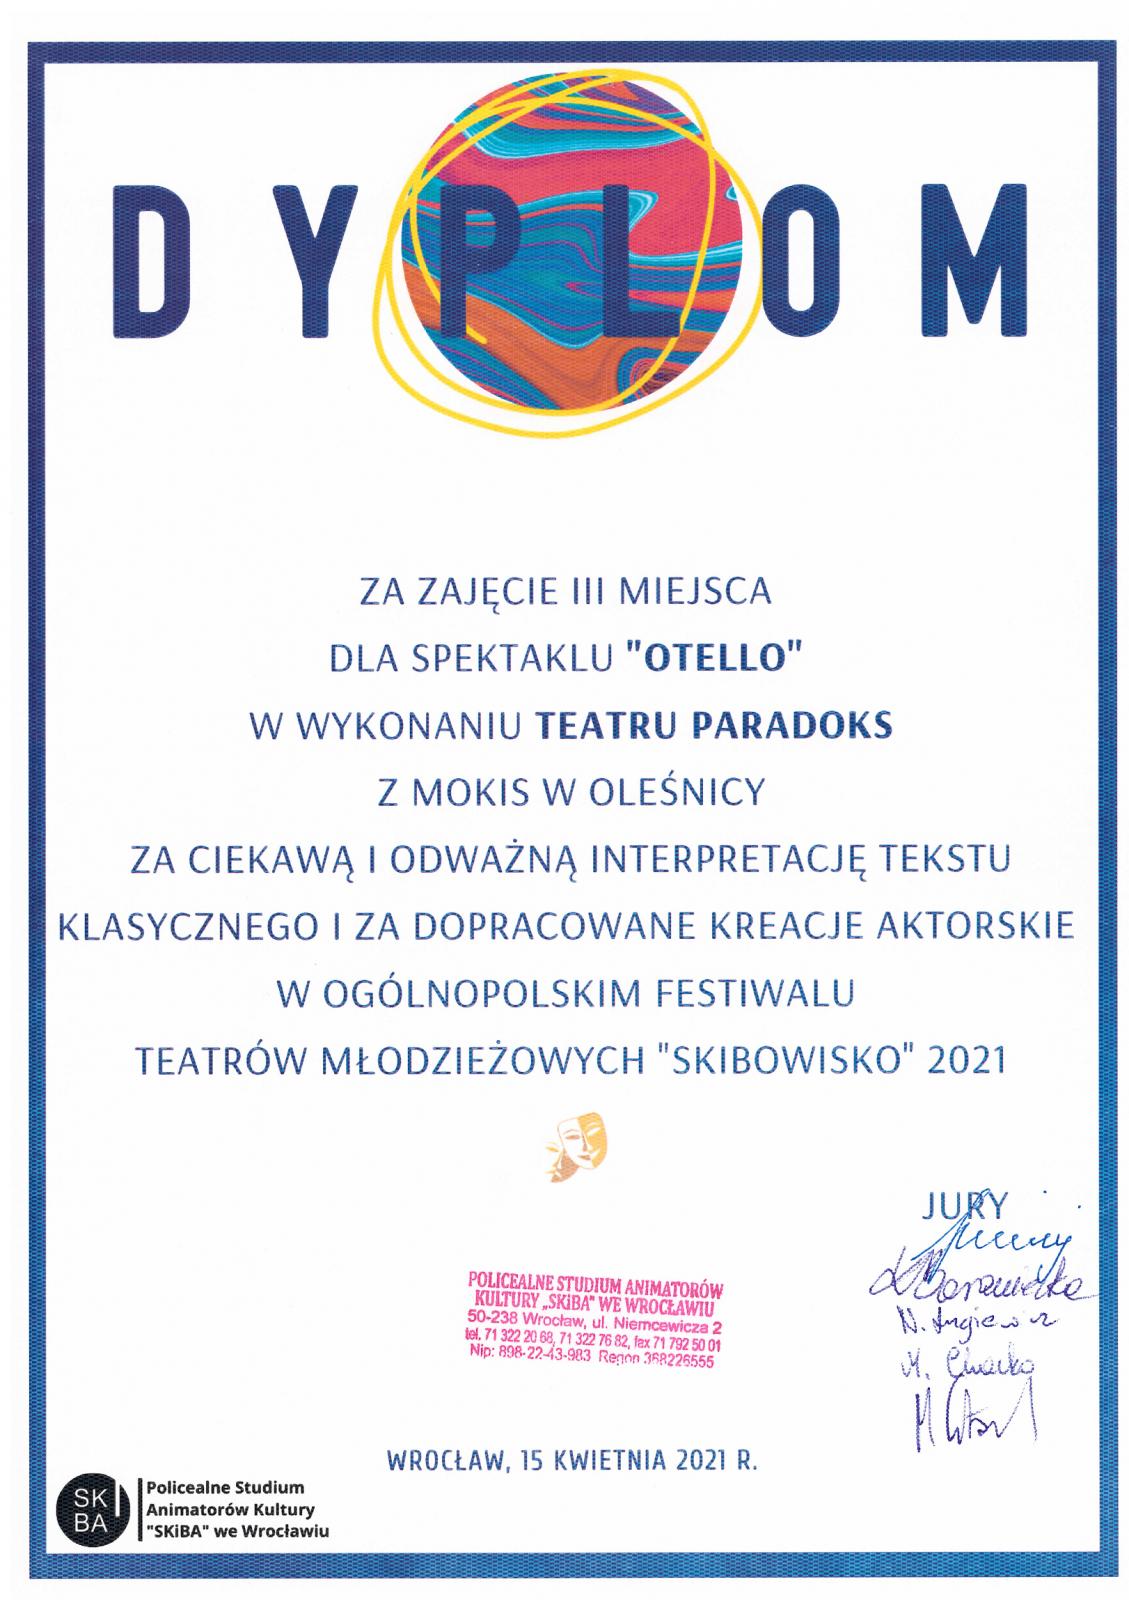 dyplom Skibowisko